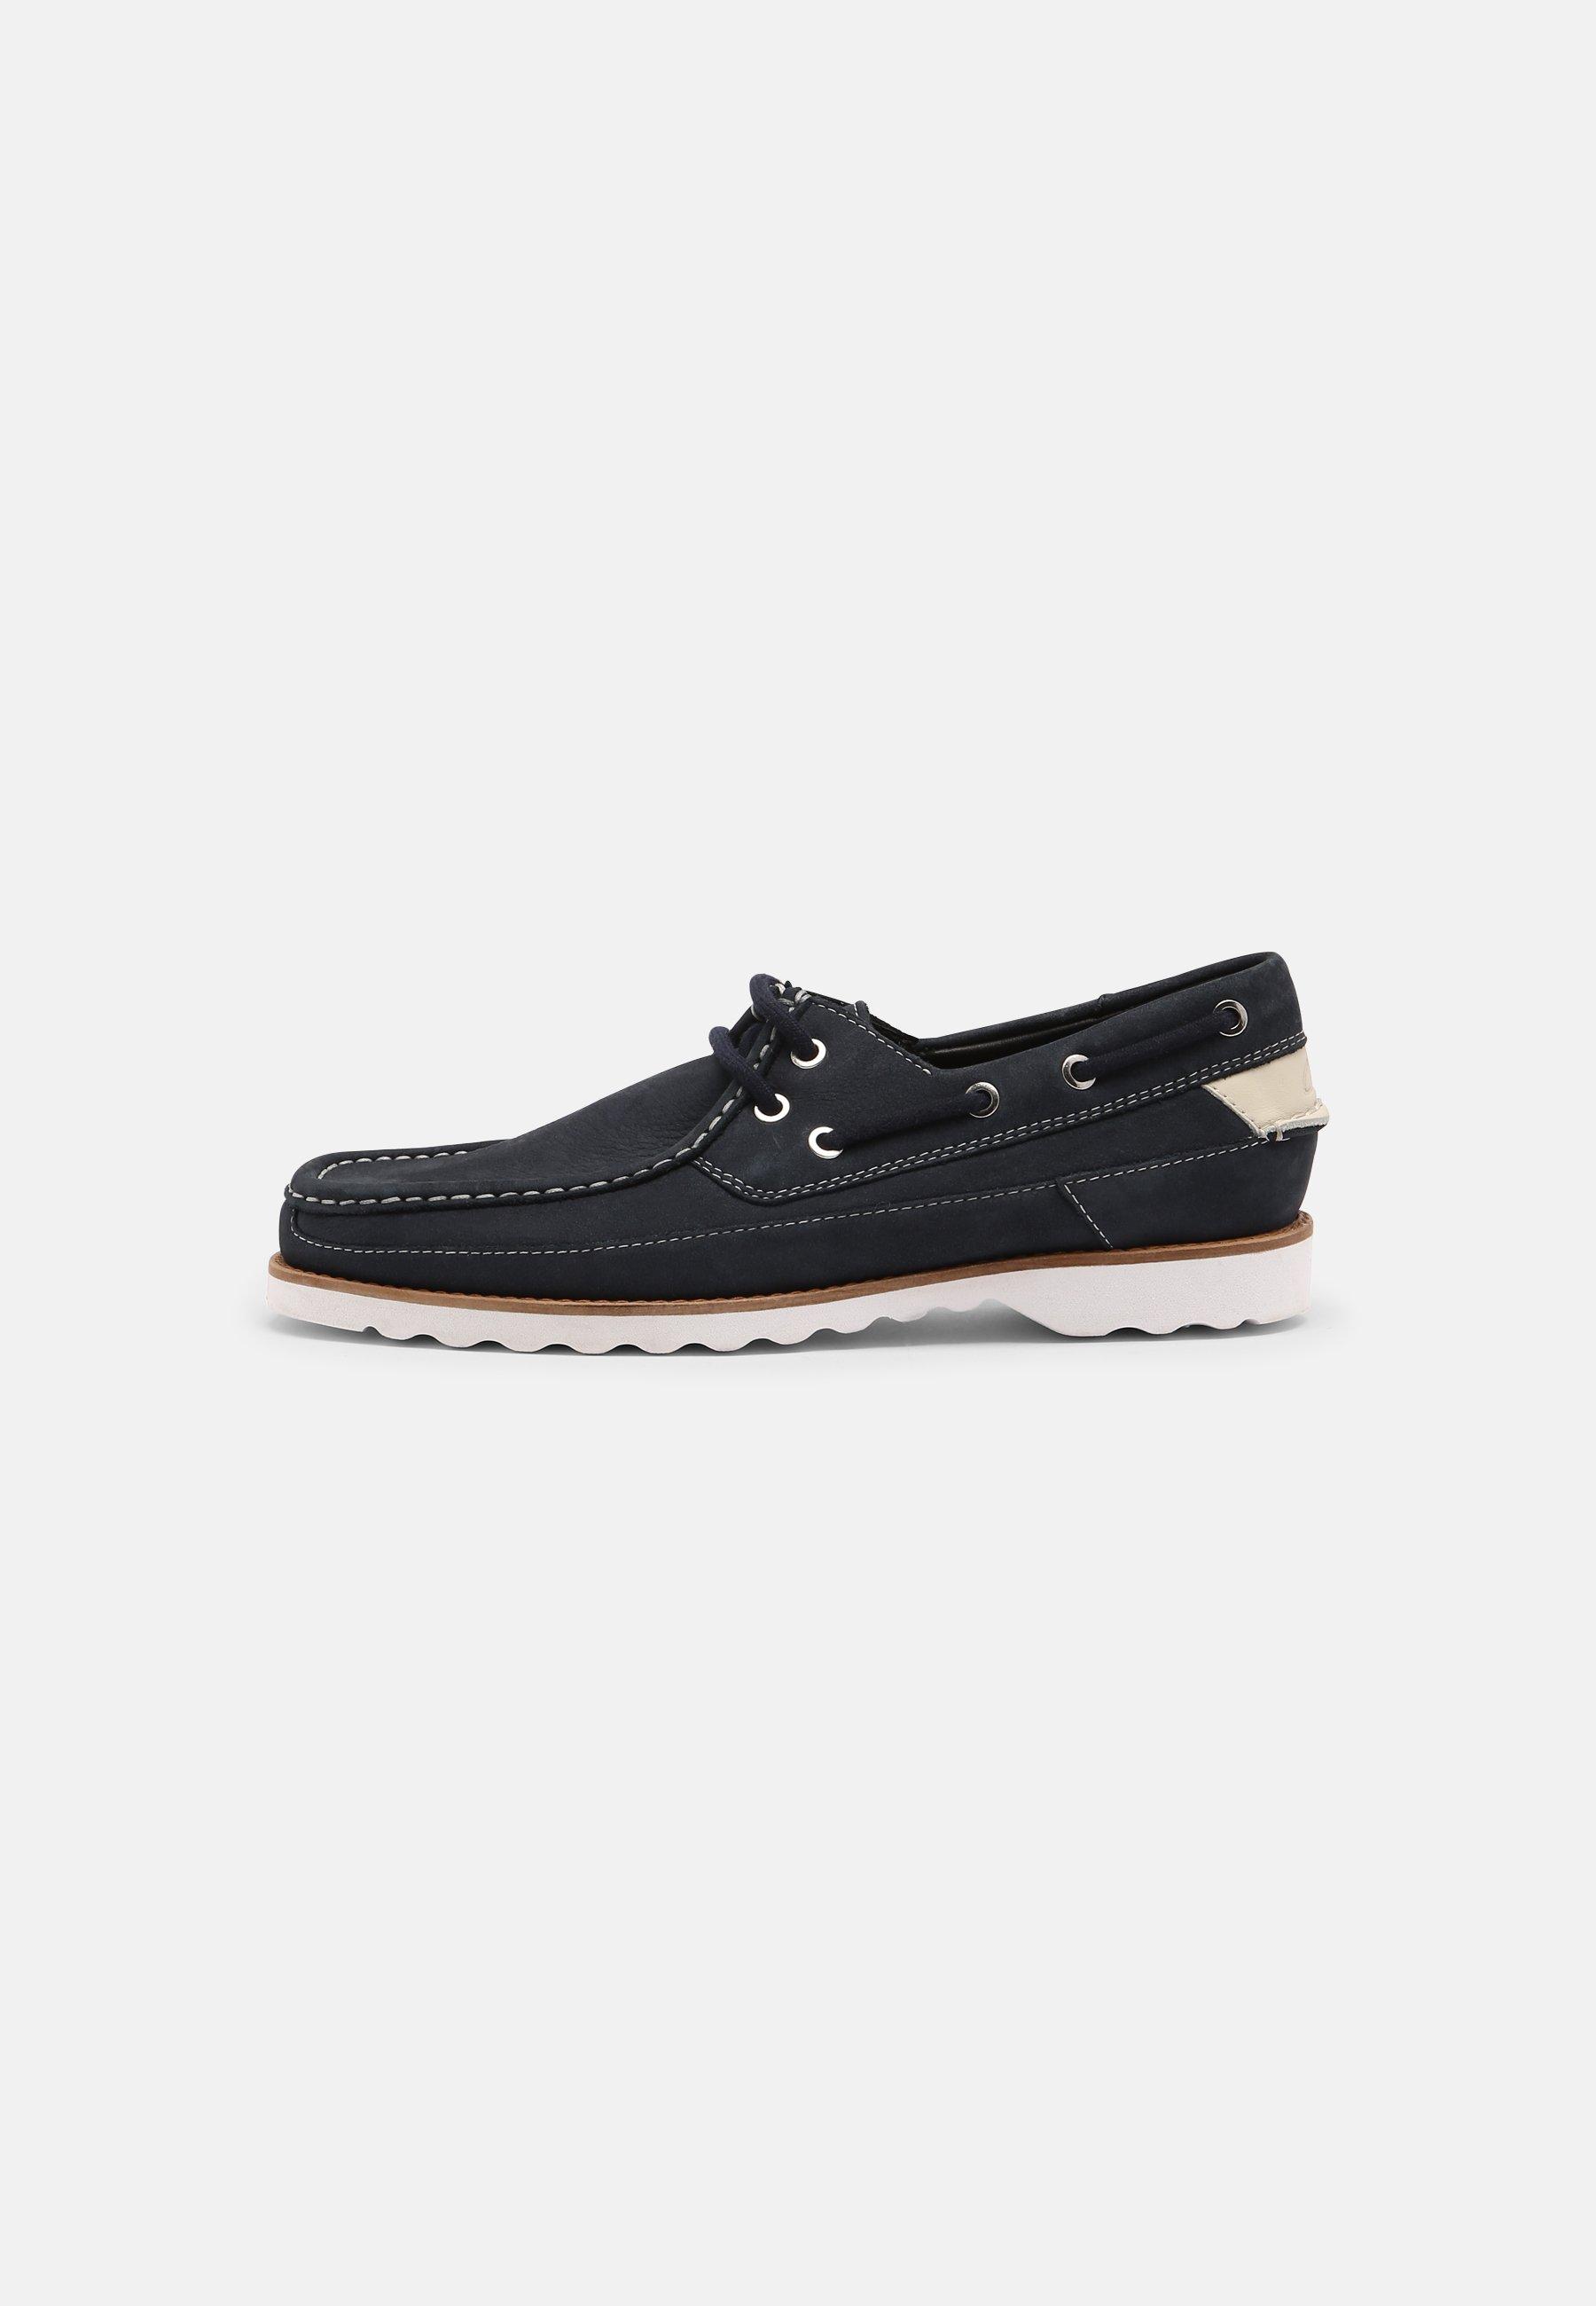 Homme DURLEIGH SAIL - Chaussures bateau